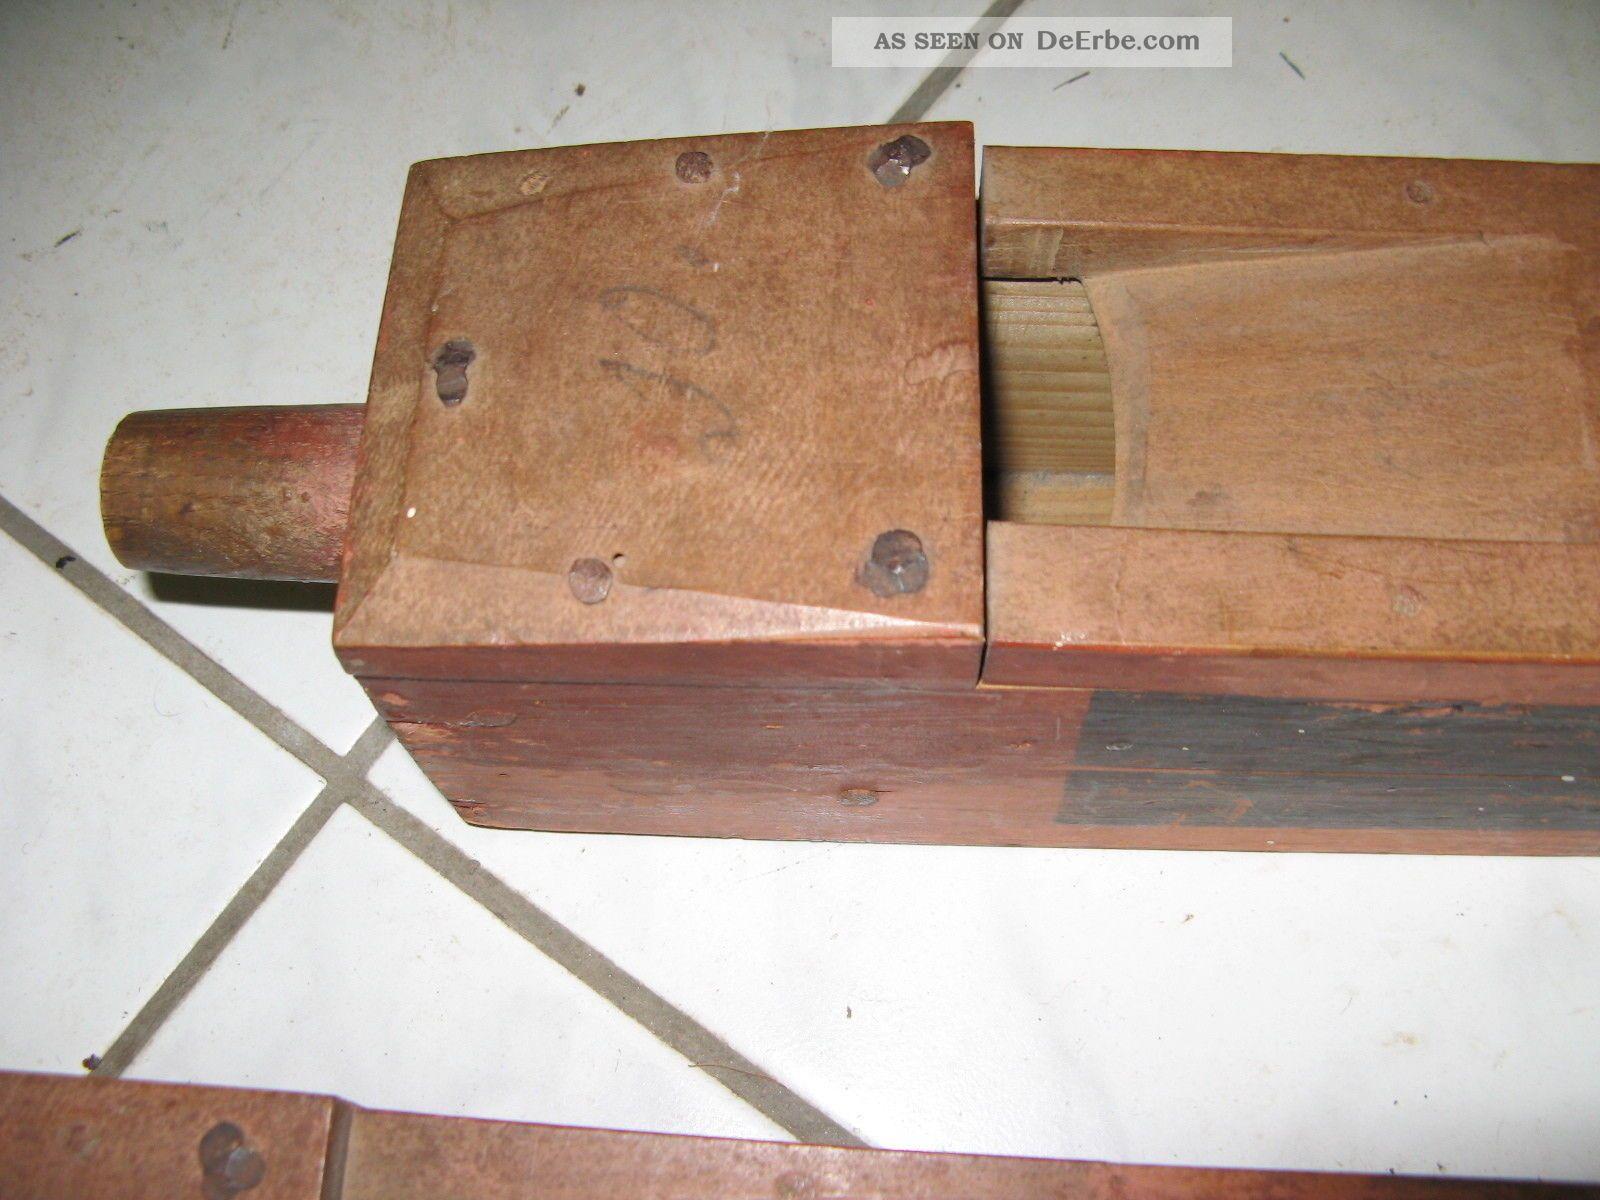 3 alte labialpfeifen aus holz ca 90cm lang for Alte obstkisten aus holz